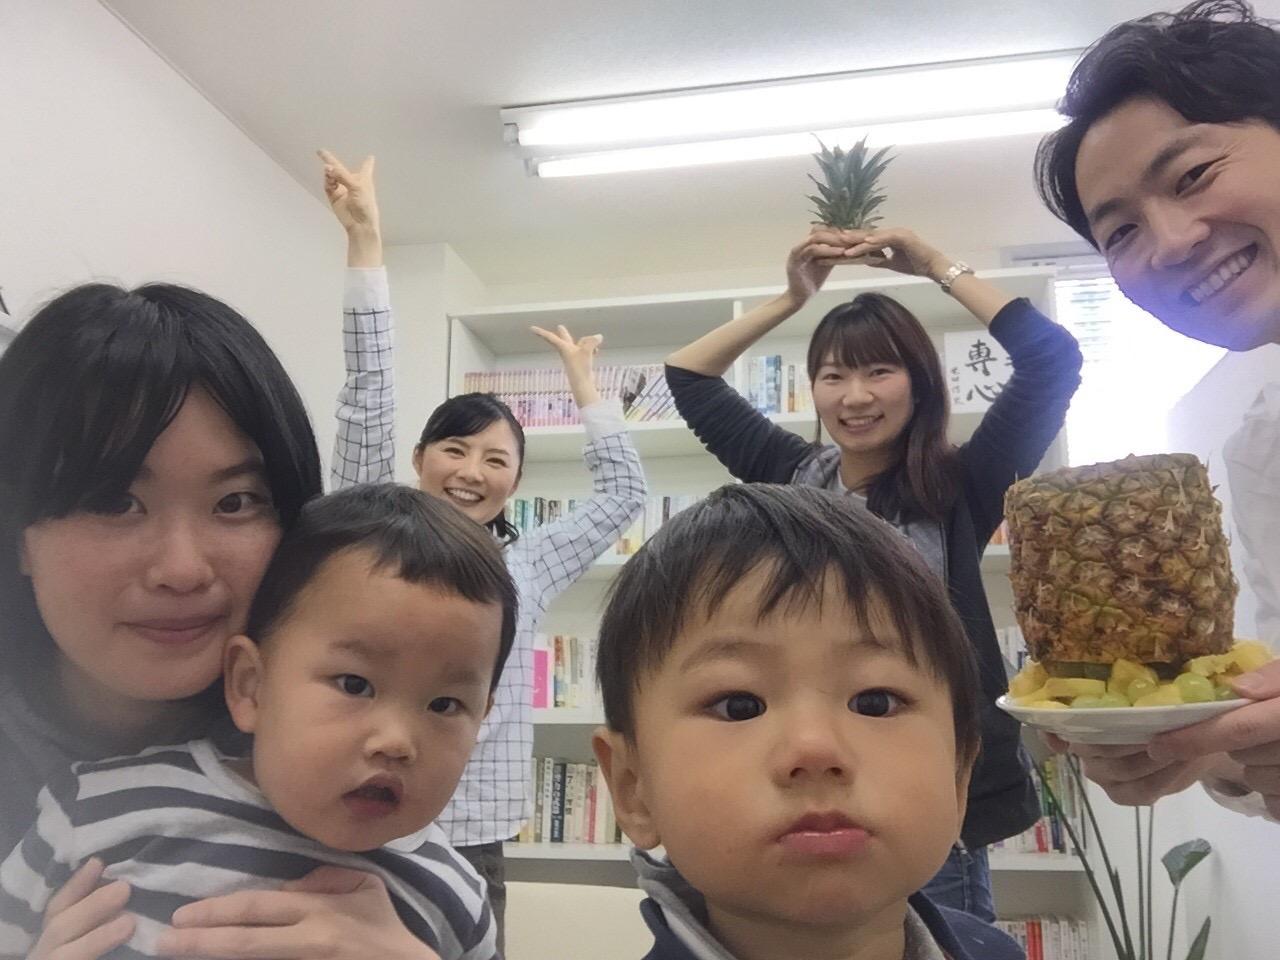 ふみぼーお誕生日おめでとう!